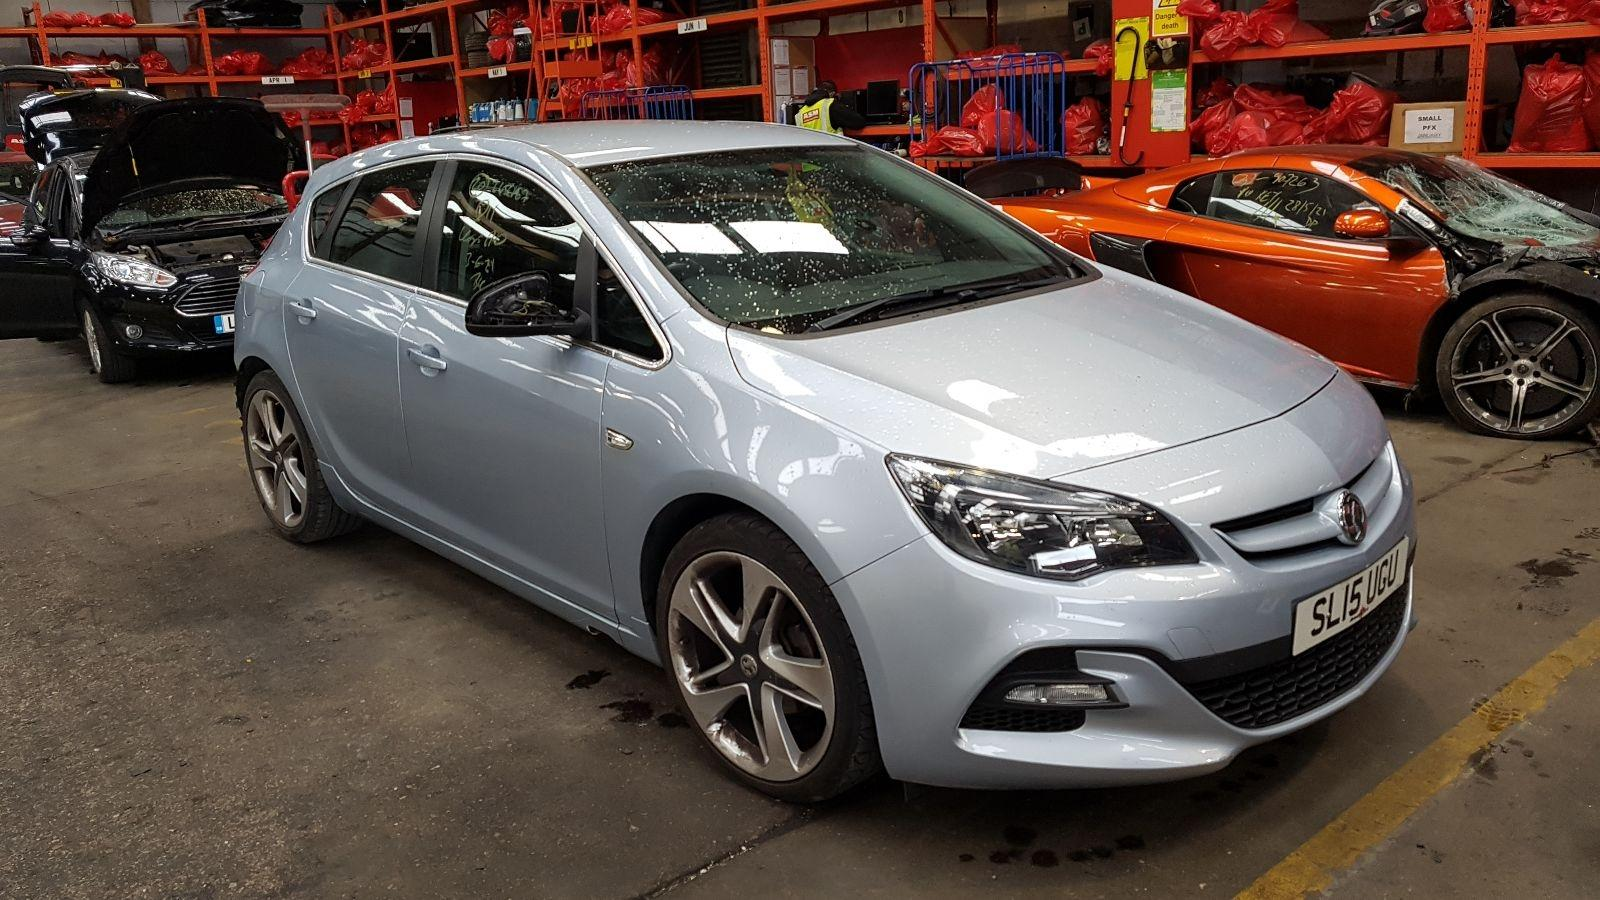 Image for a Vauxhall Astra 2015 5 Door Hatchback Breaking